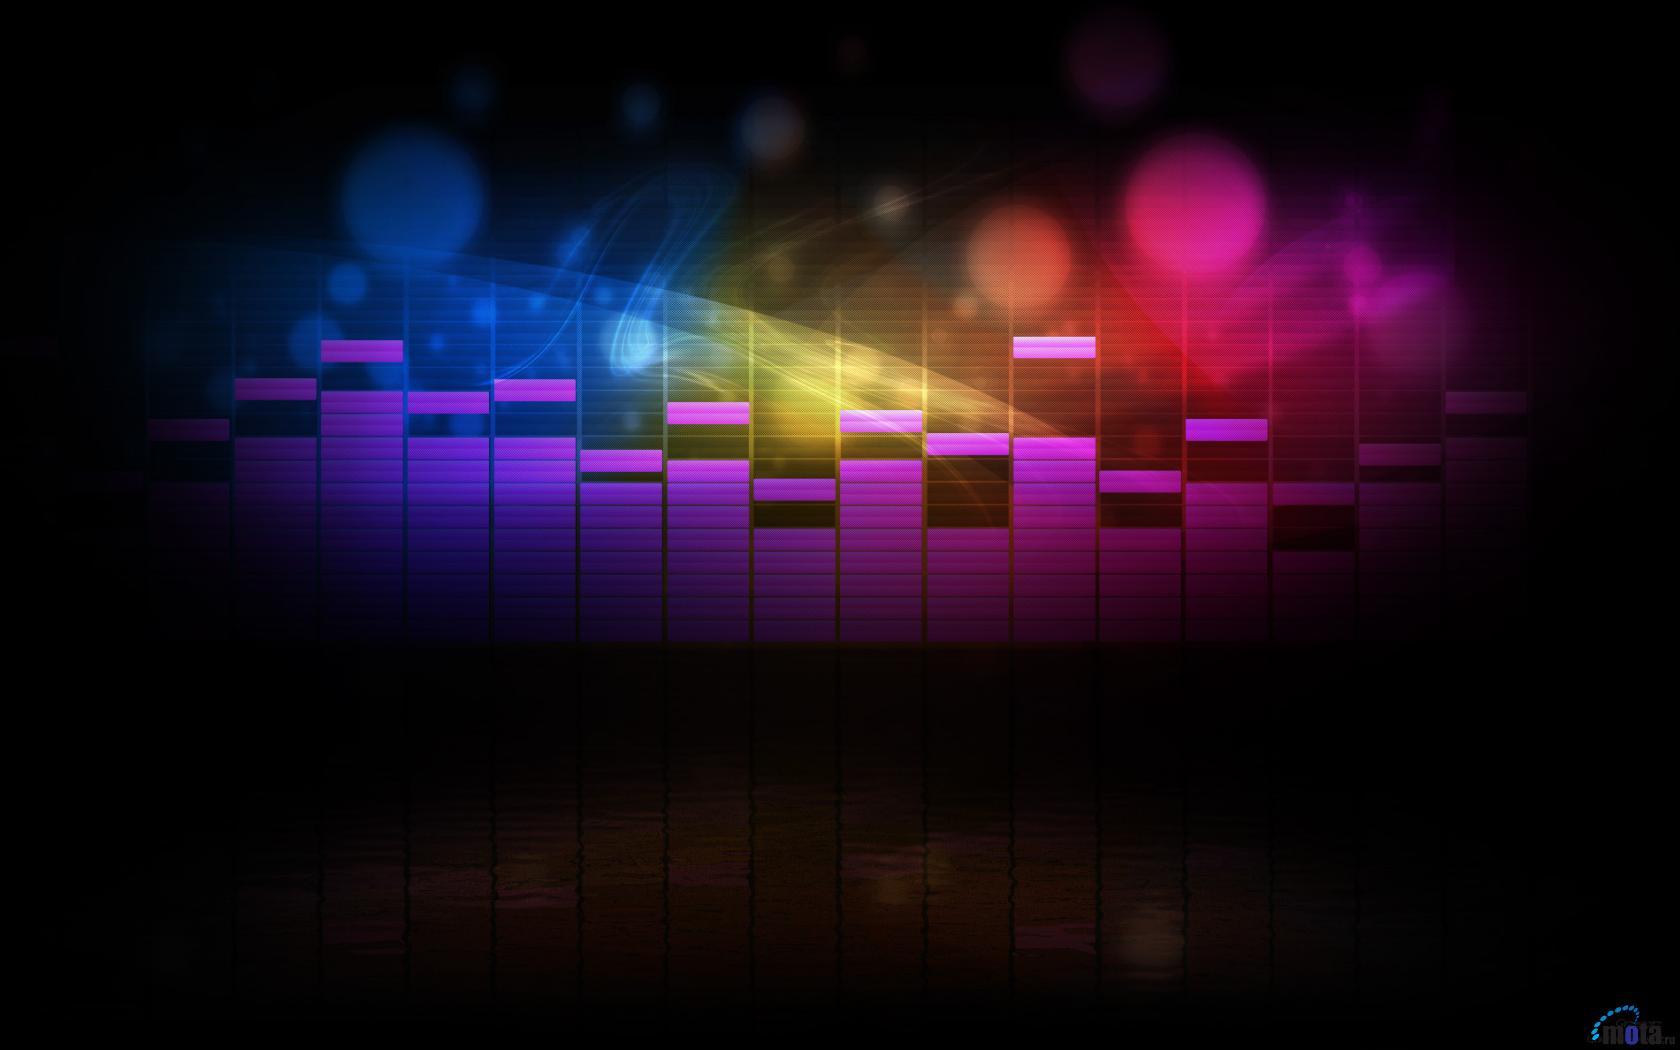 Wallpaper Sound Block 1680 x 1050 widescreen Desktop wallpapers 1680x1050